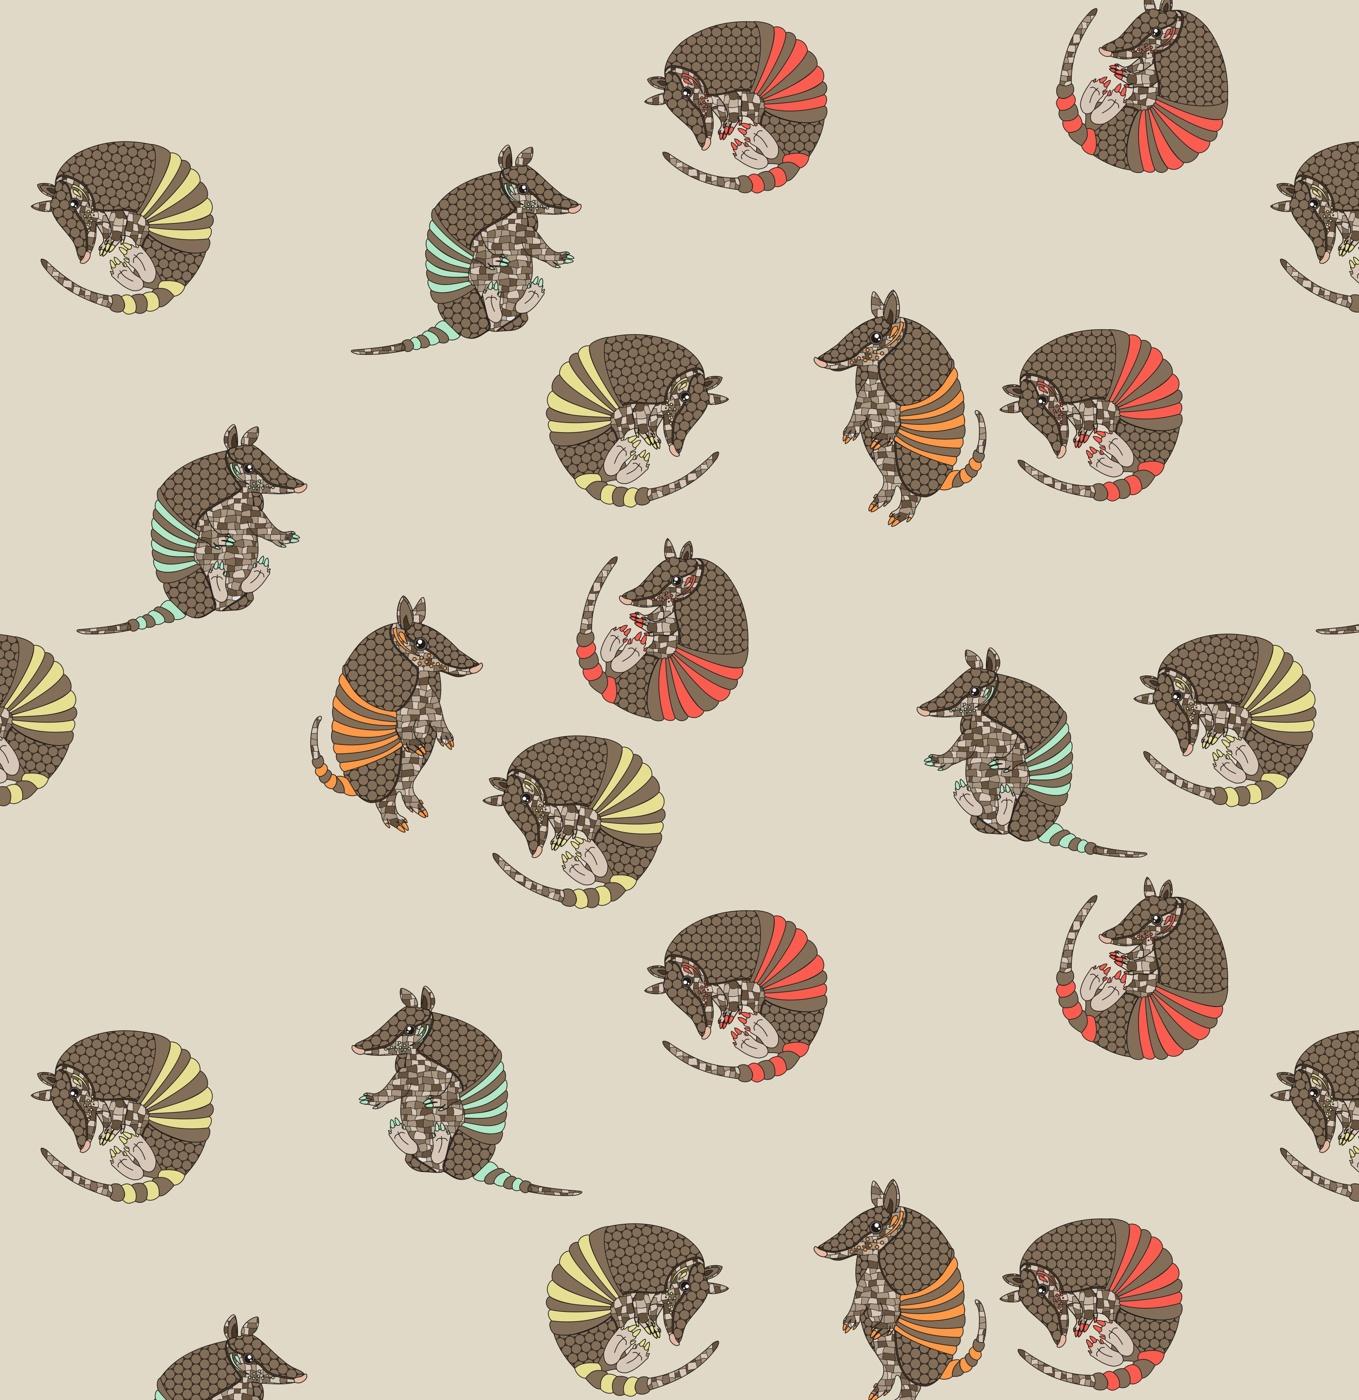 Armadillo pattern